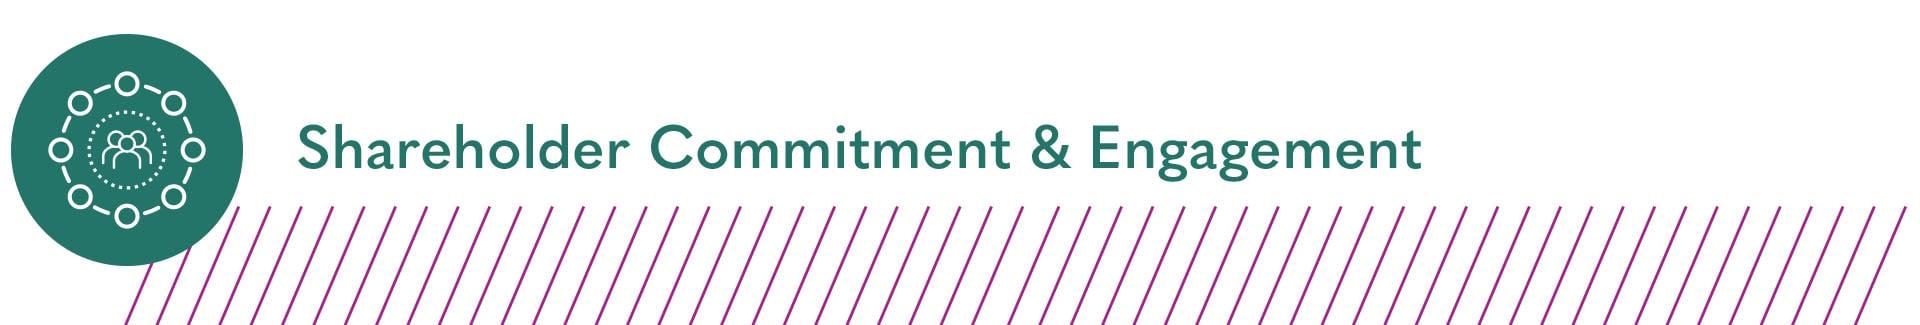 Shareholder Commitment & Engagement